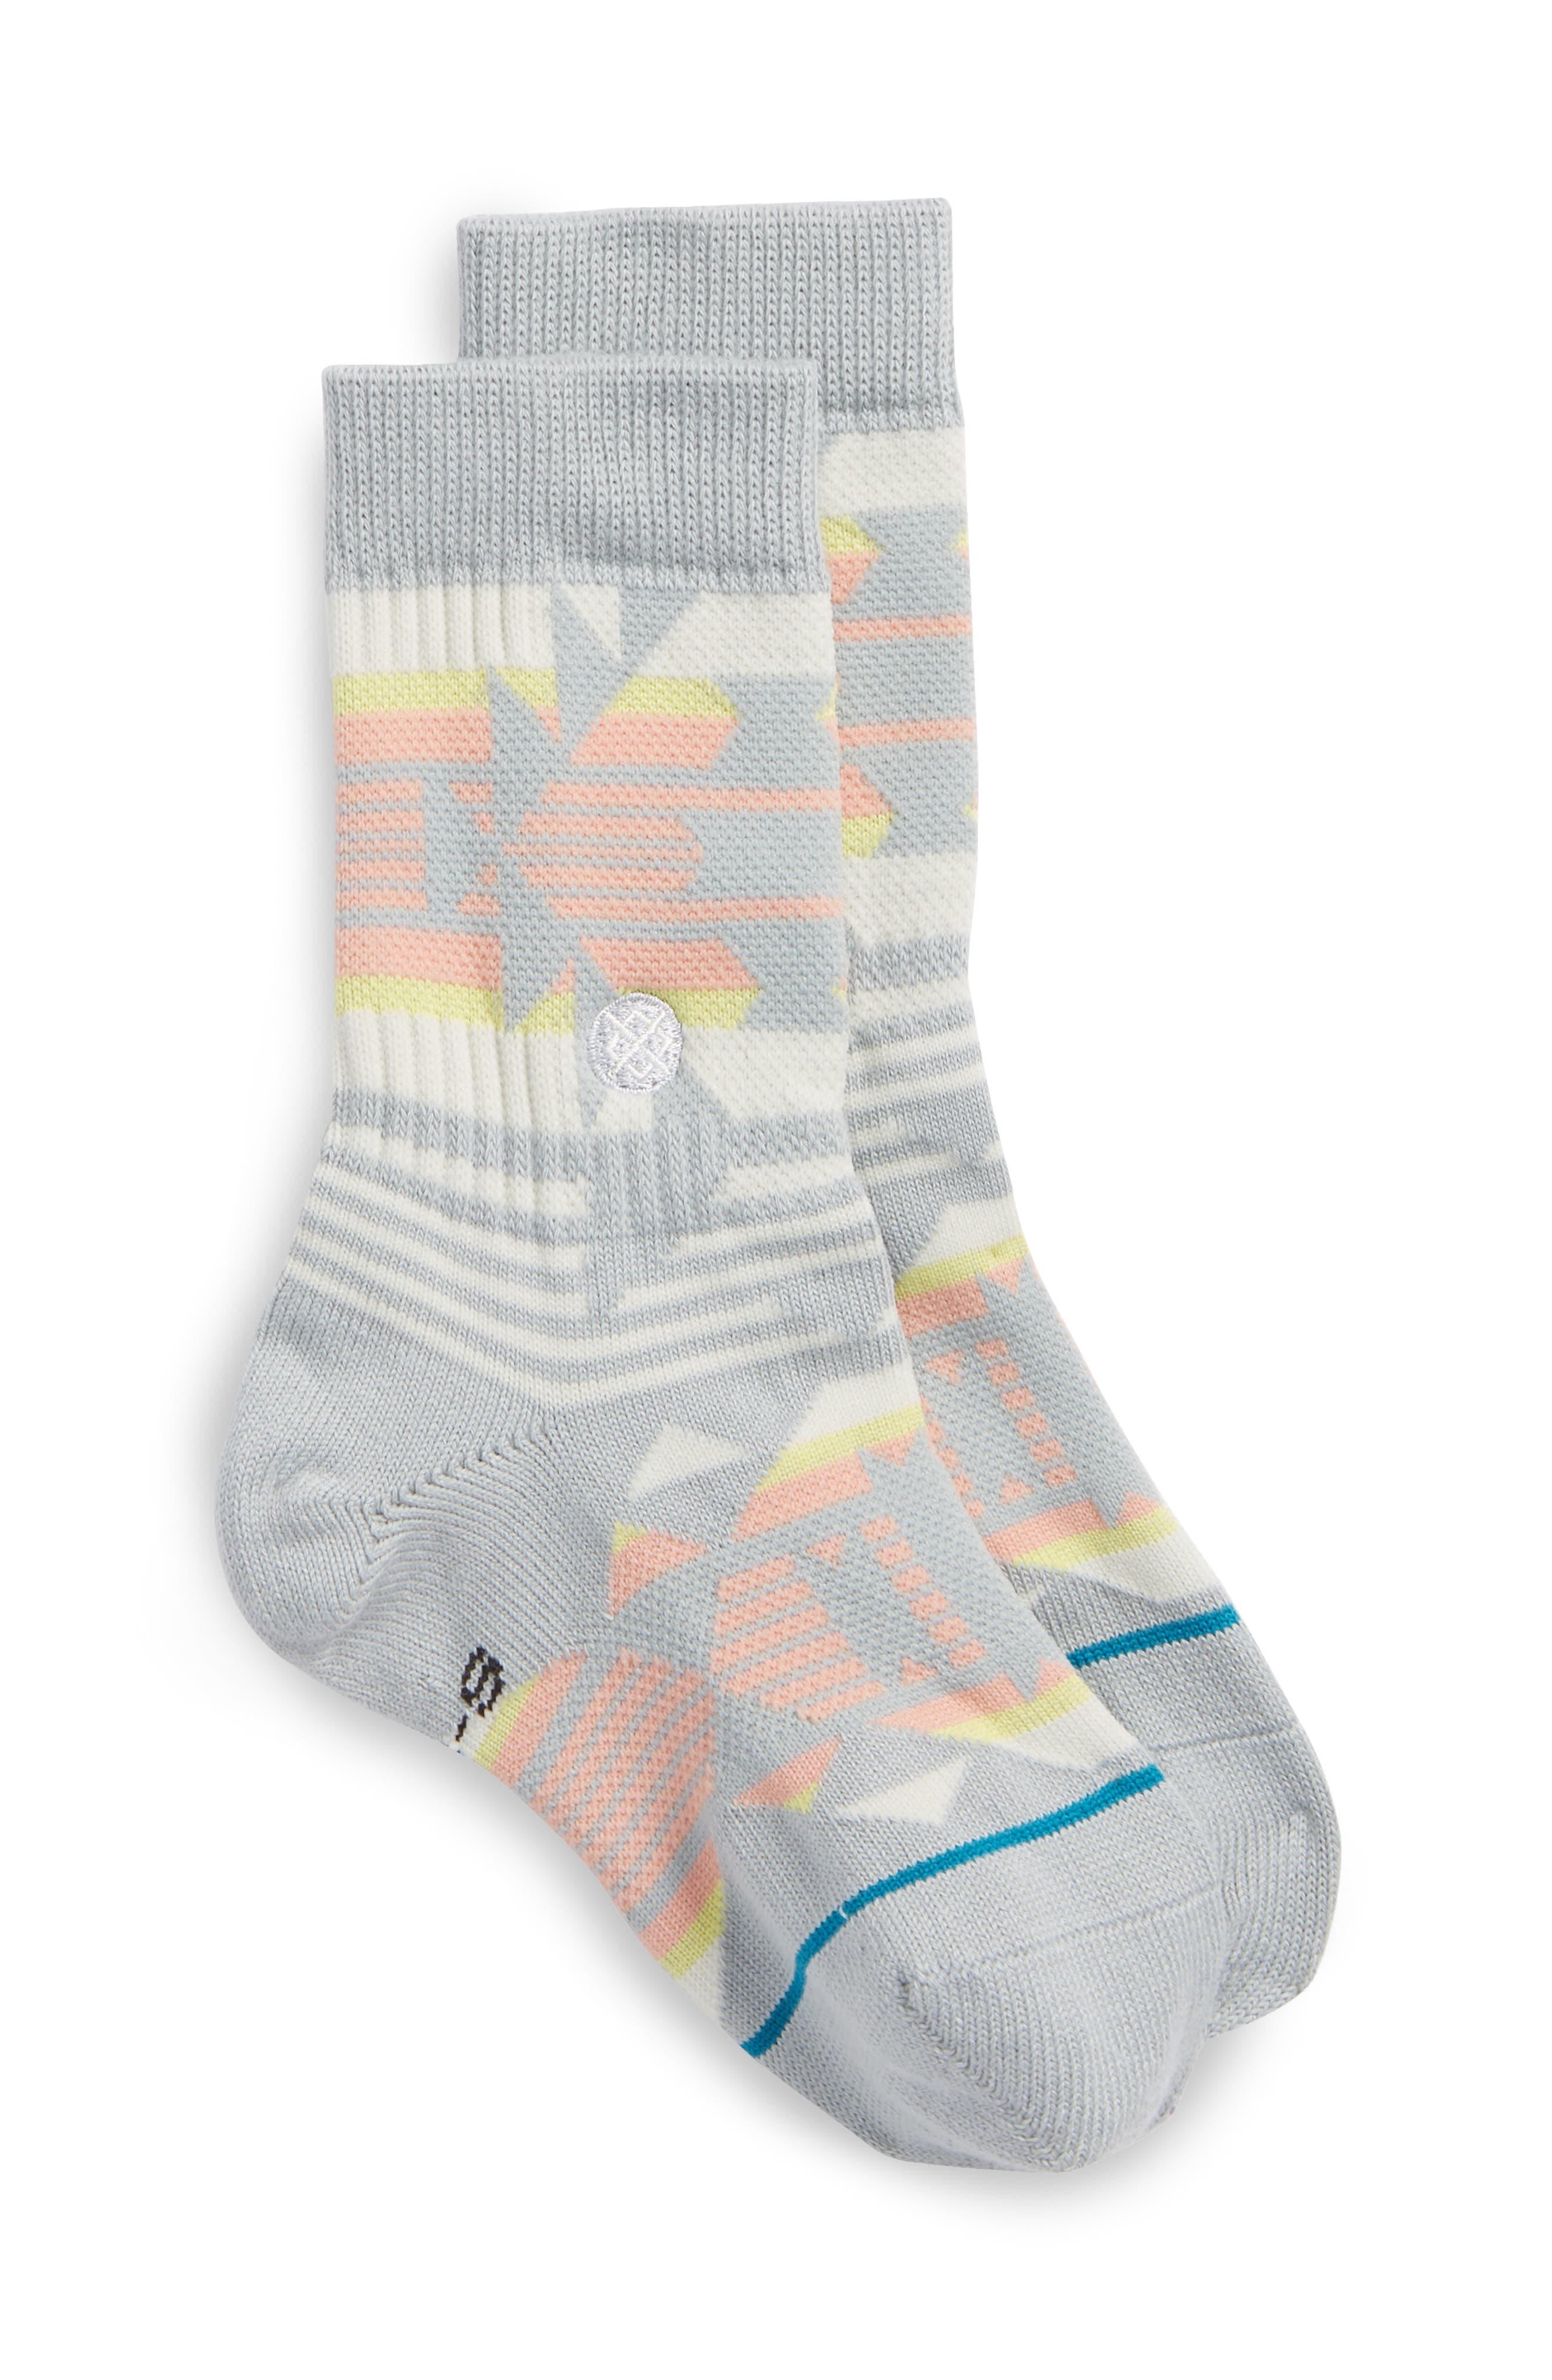 Fibbo Socks,                         Main,                         color, Multi